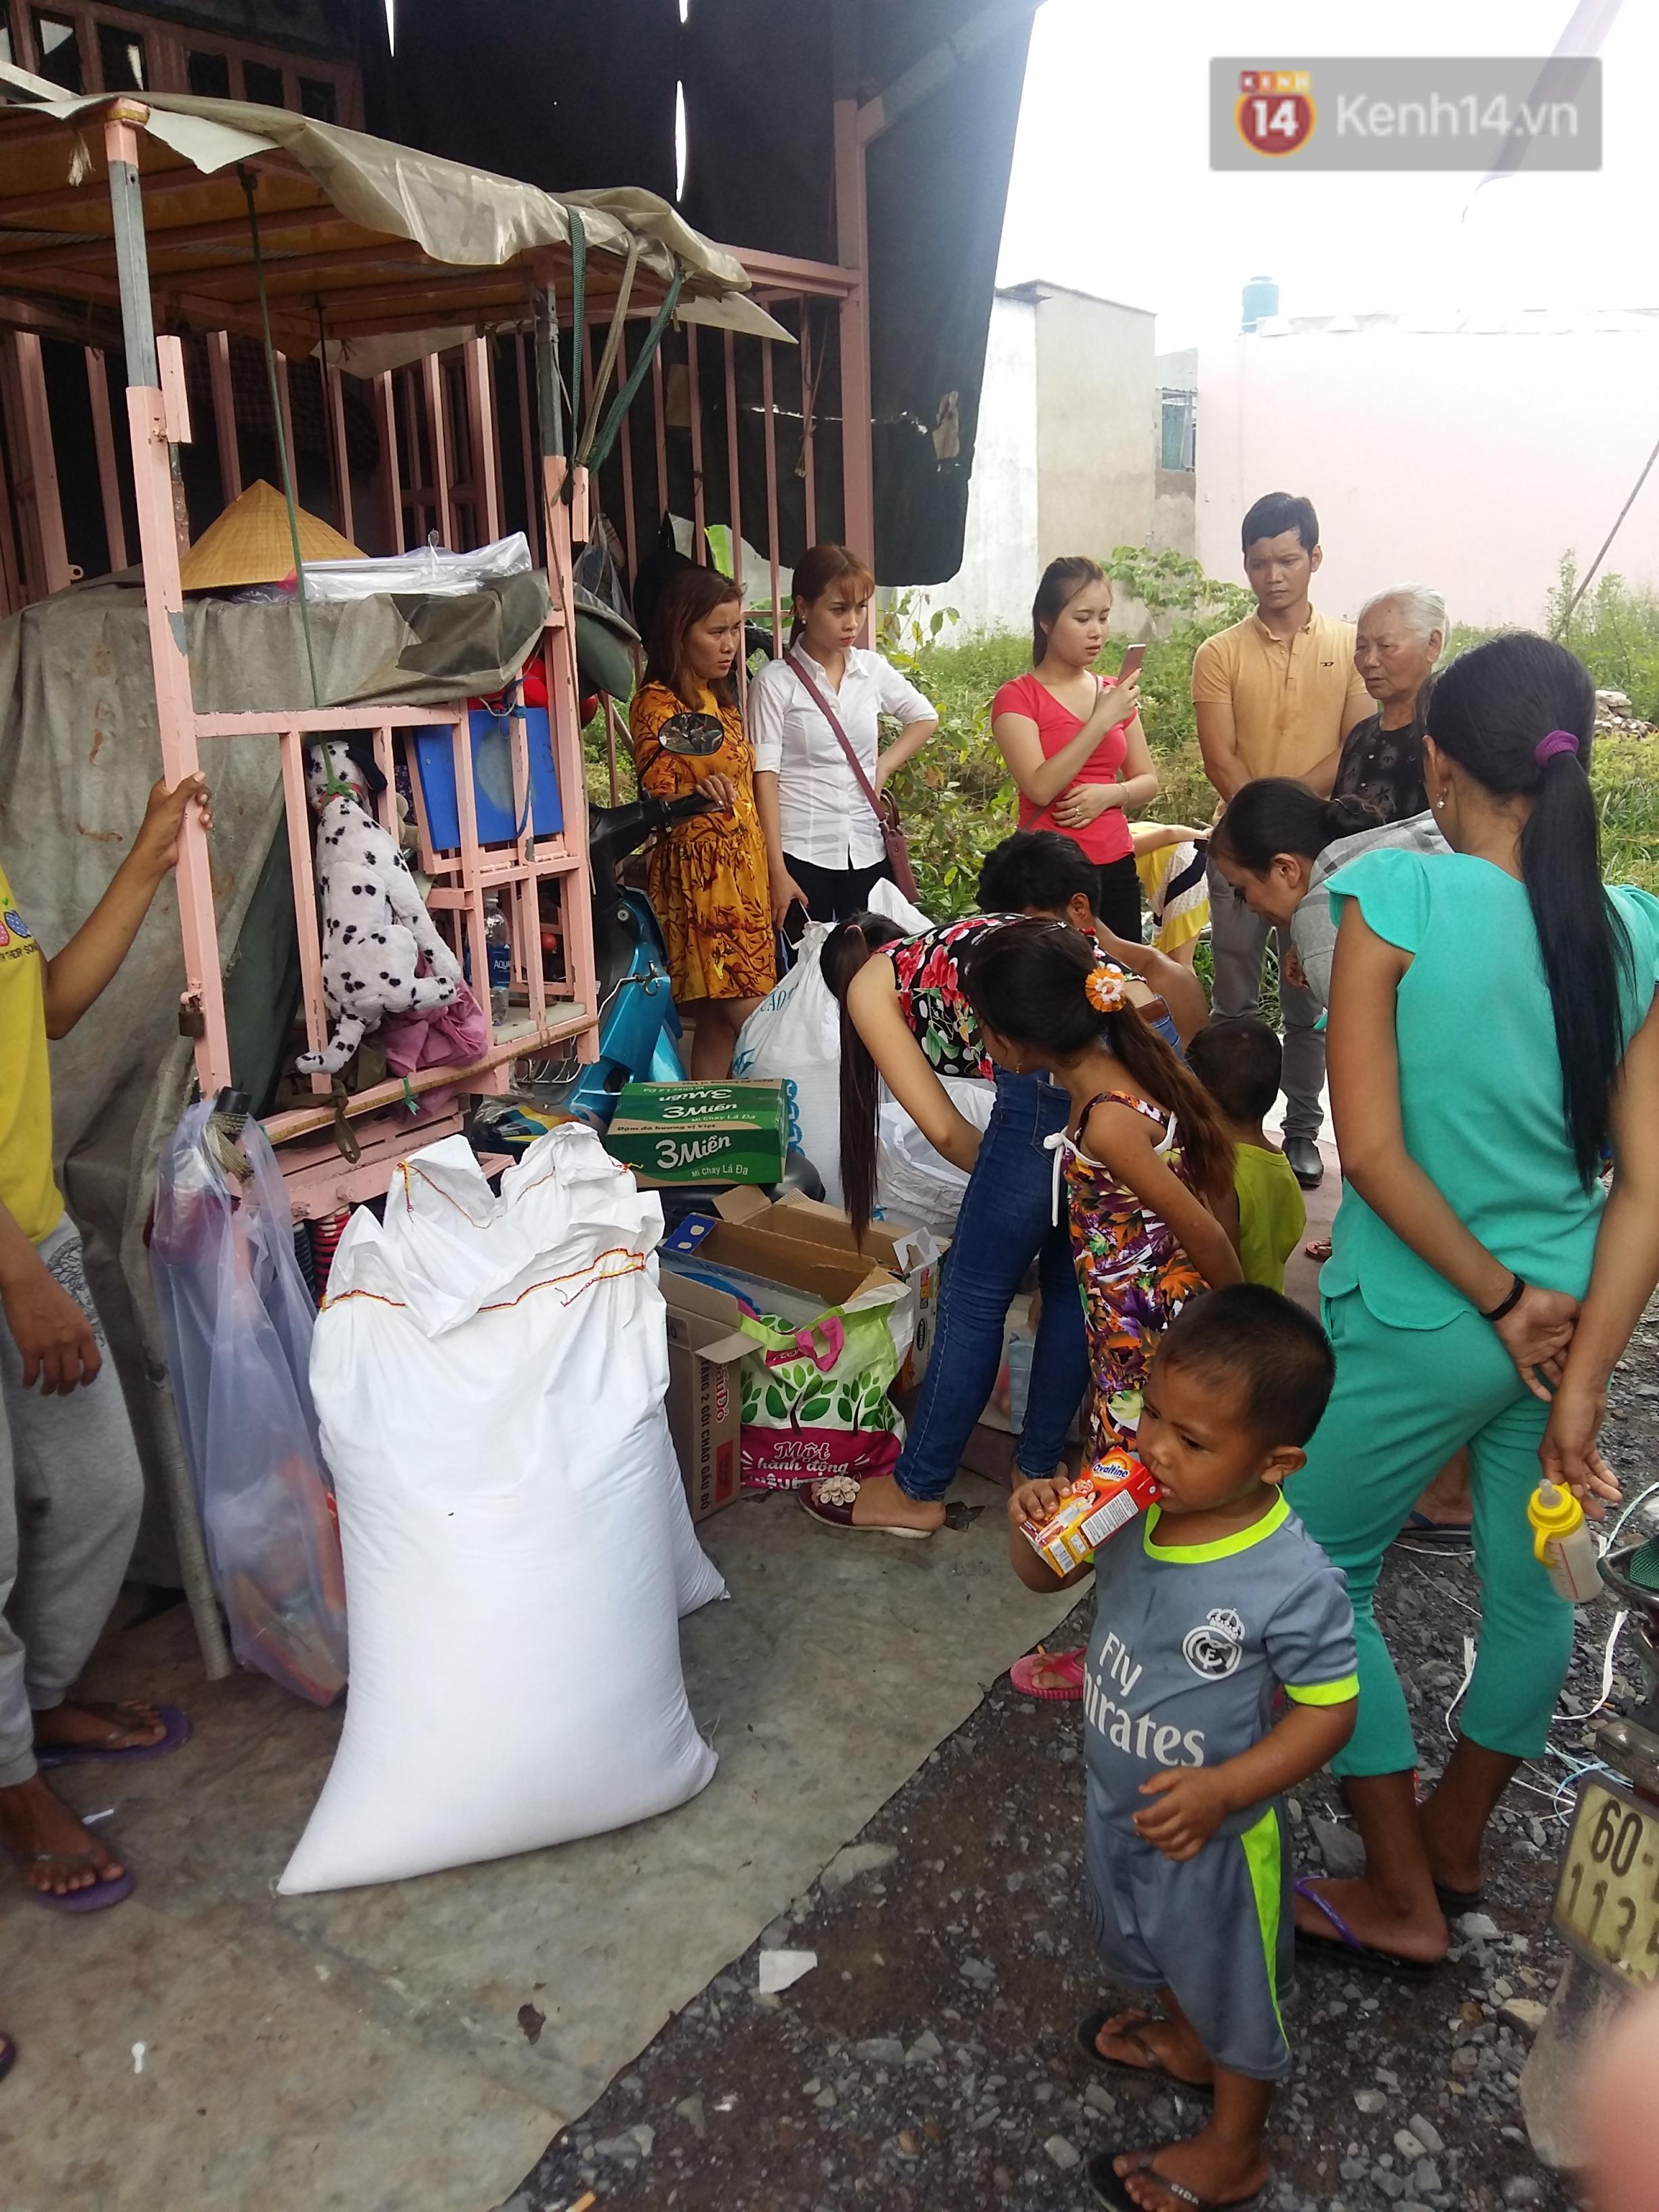 Đời sống: Người cha có 2 con bại não bất ngờ phát gạo từ thiện cho người dân nghèo ở xung quanh